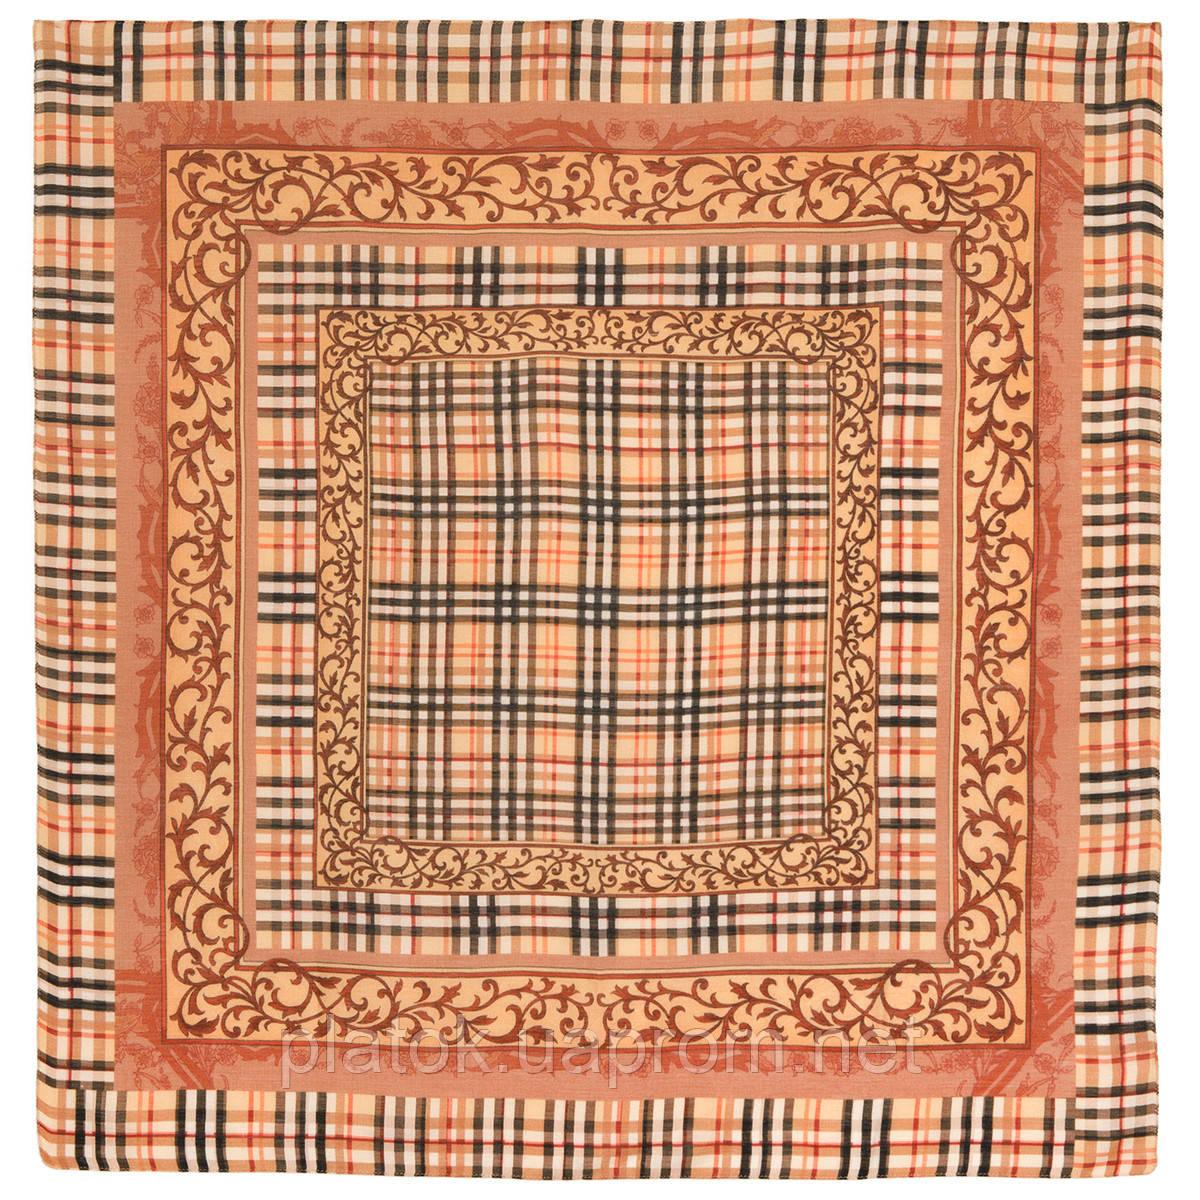 10552 10552-2, павлопосадский платок шерстяной (разреженная шерсть) с швом зиг-заг